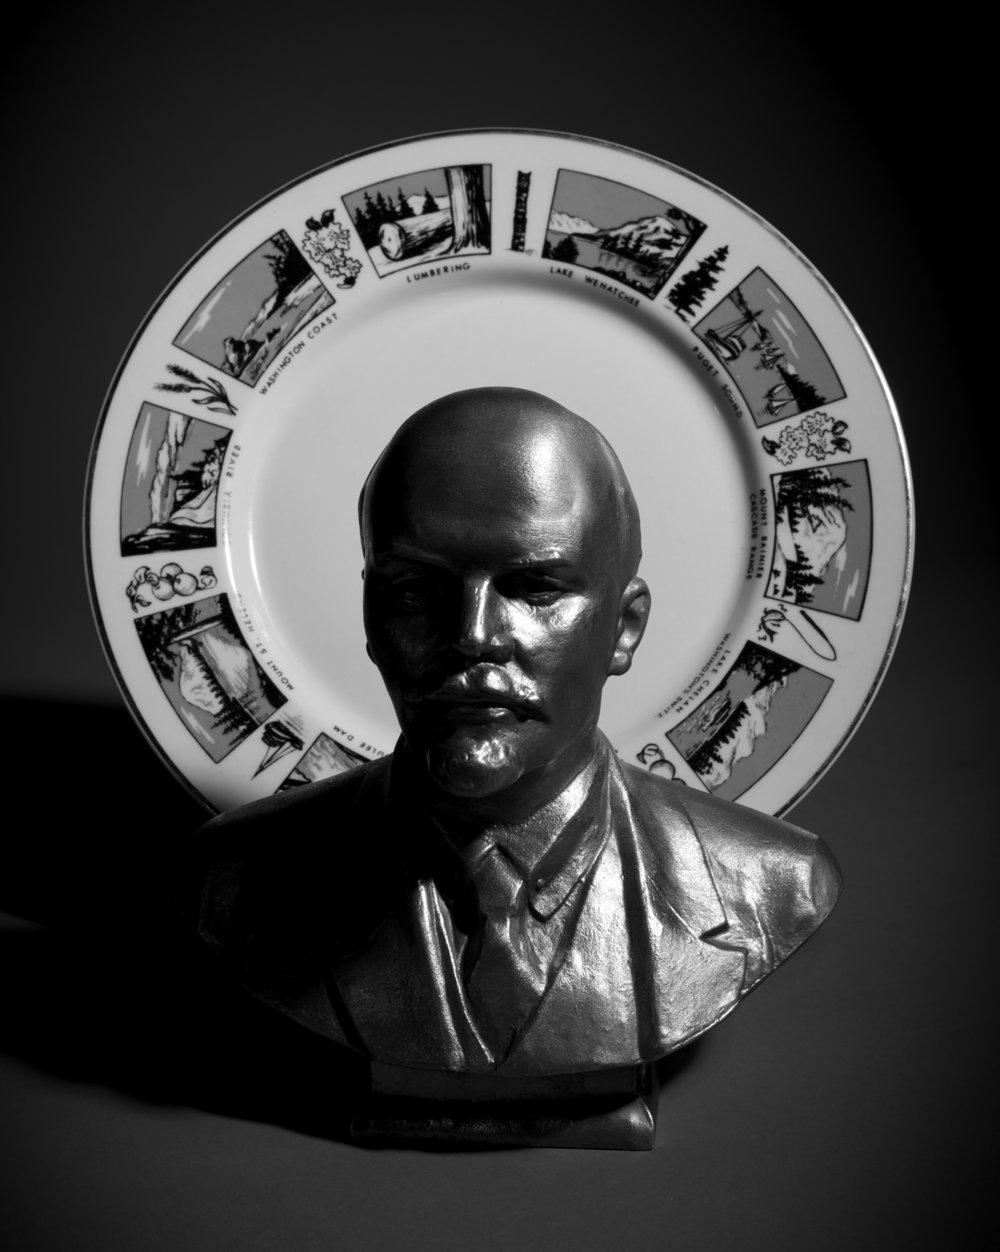 St. Lenin in Seattle, Washington